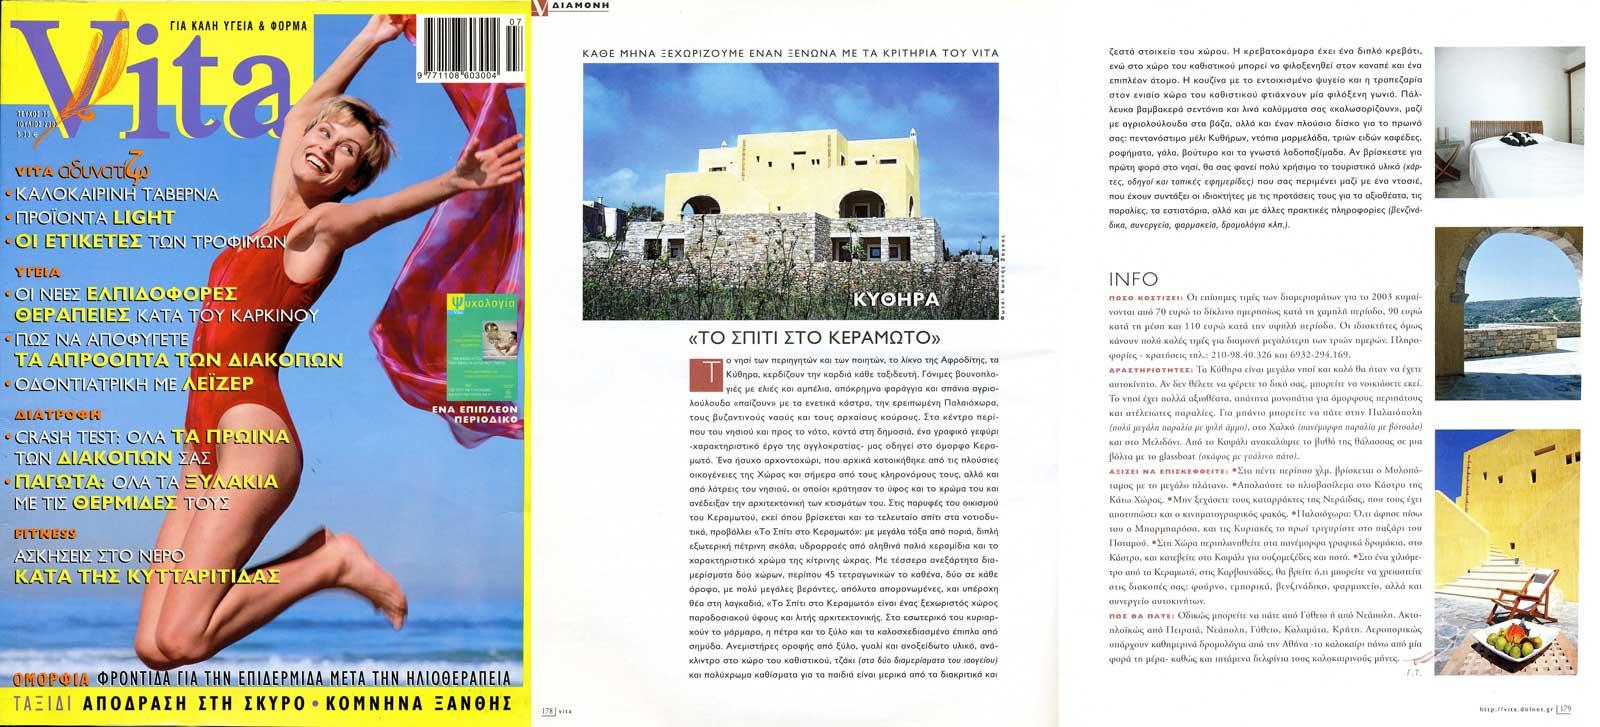 Dimosieusi-Vita-2003